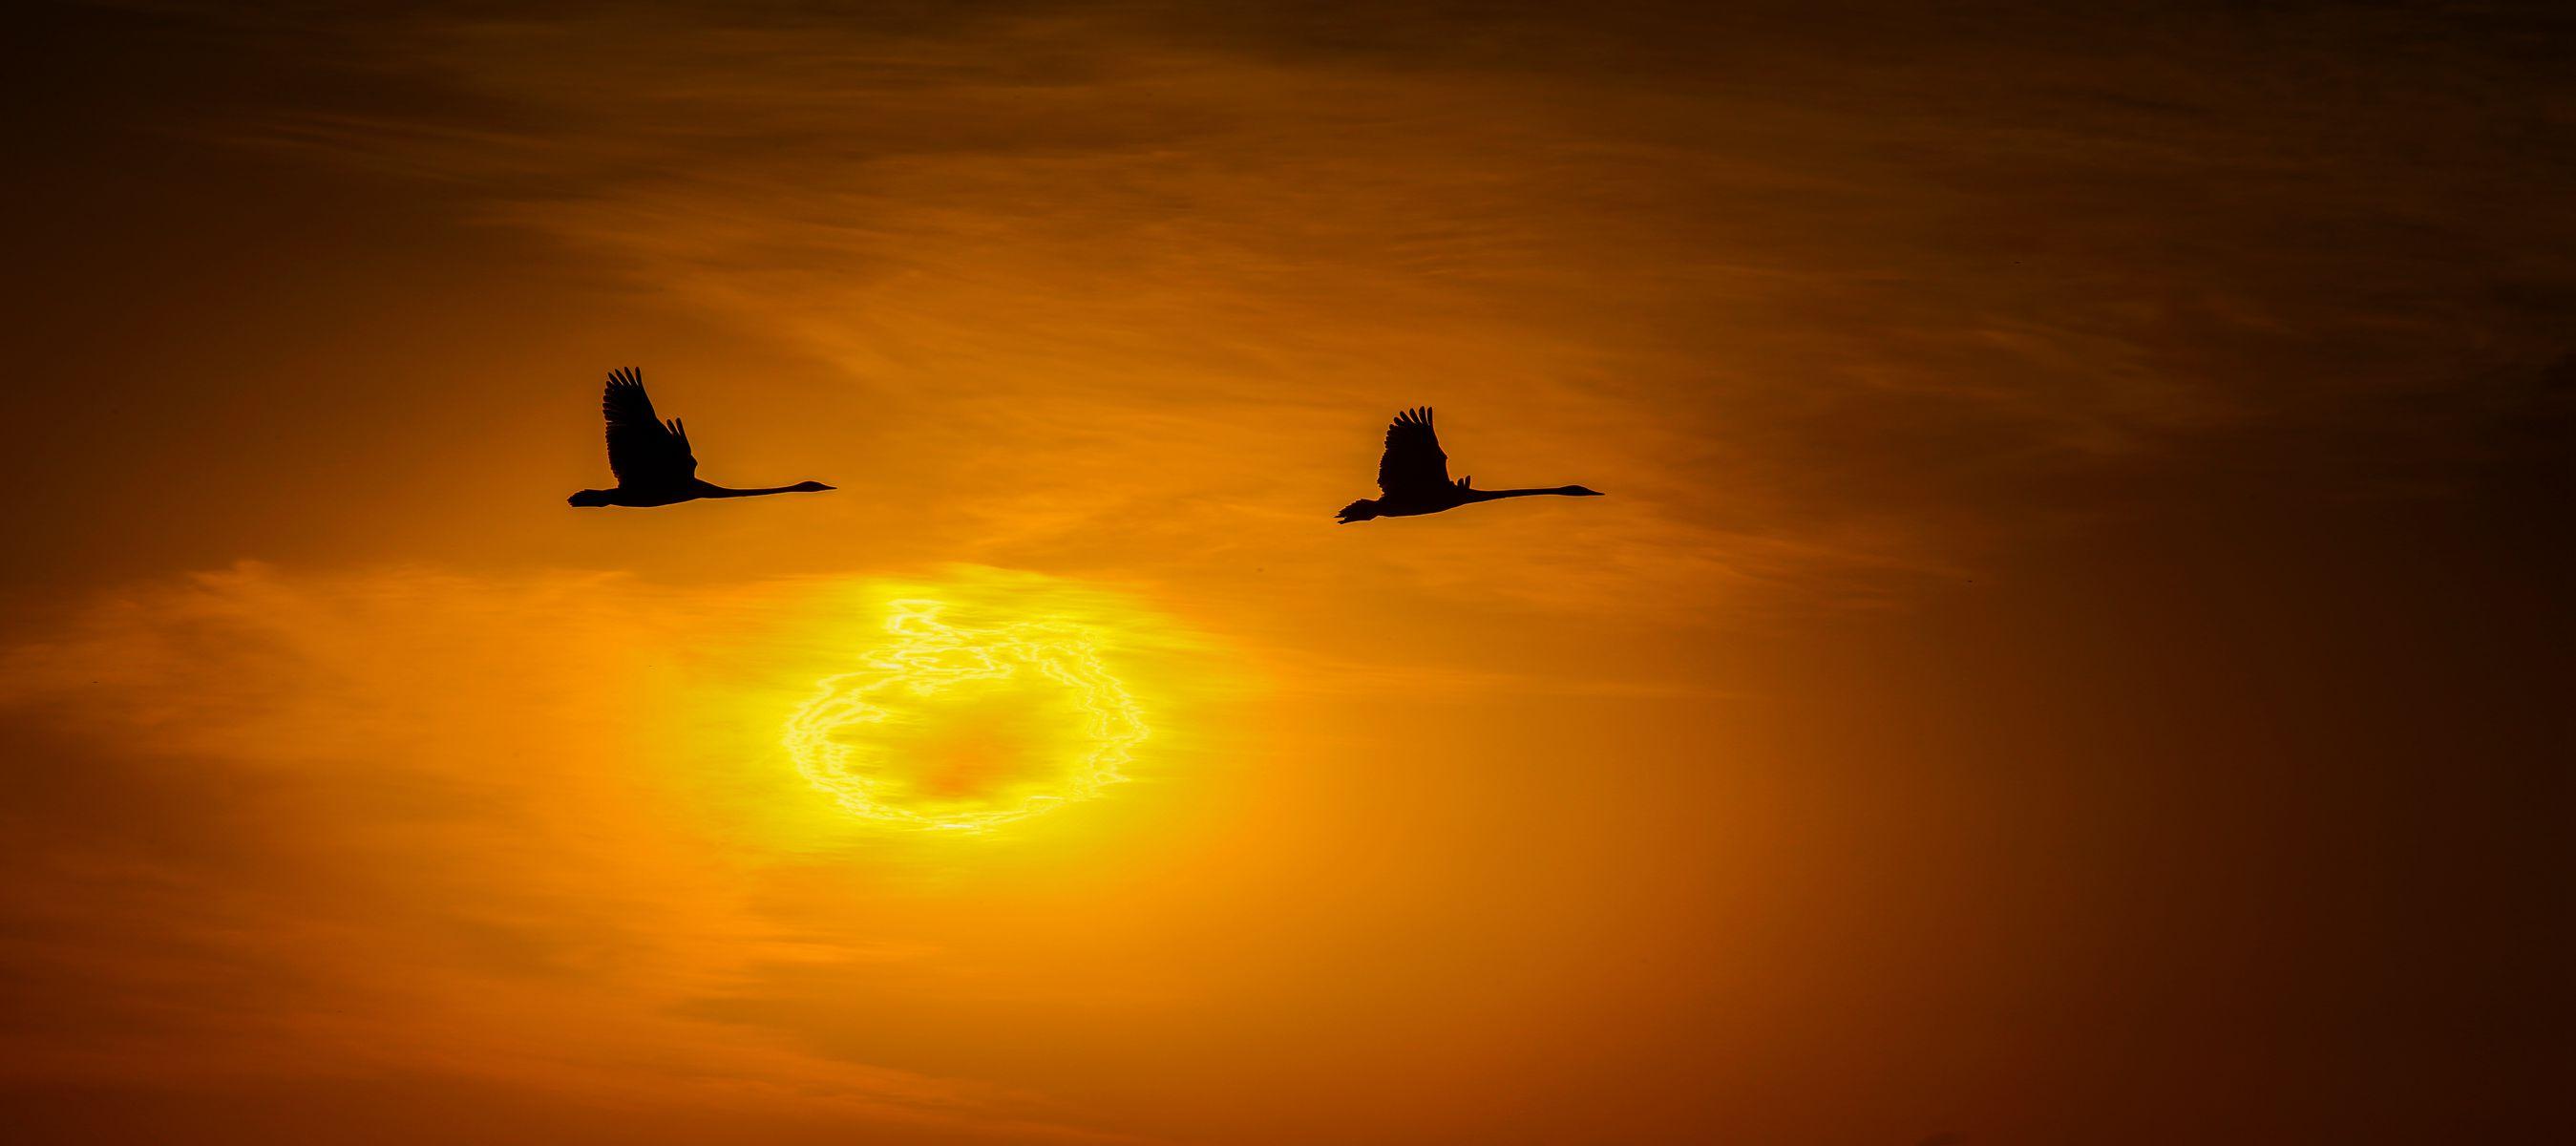 飞翔的天鹅